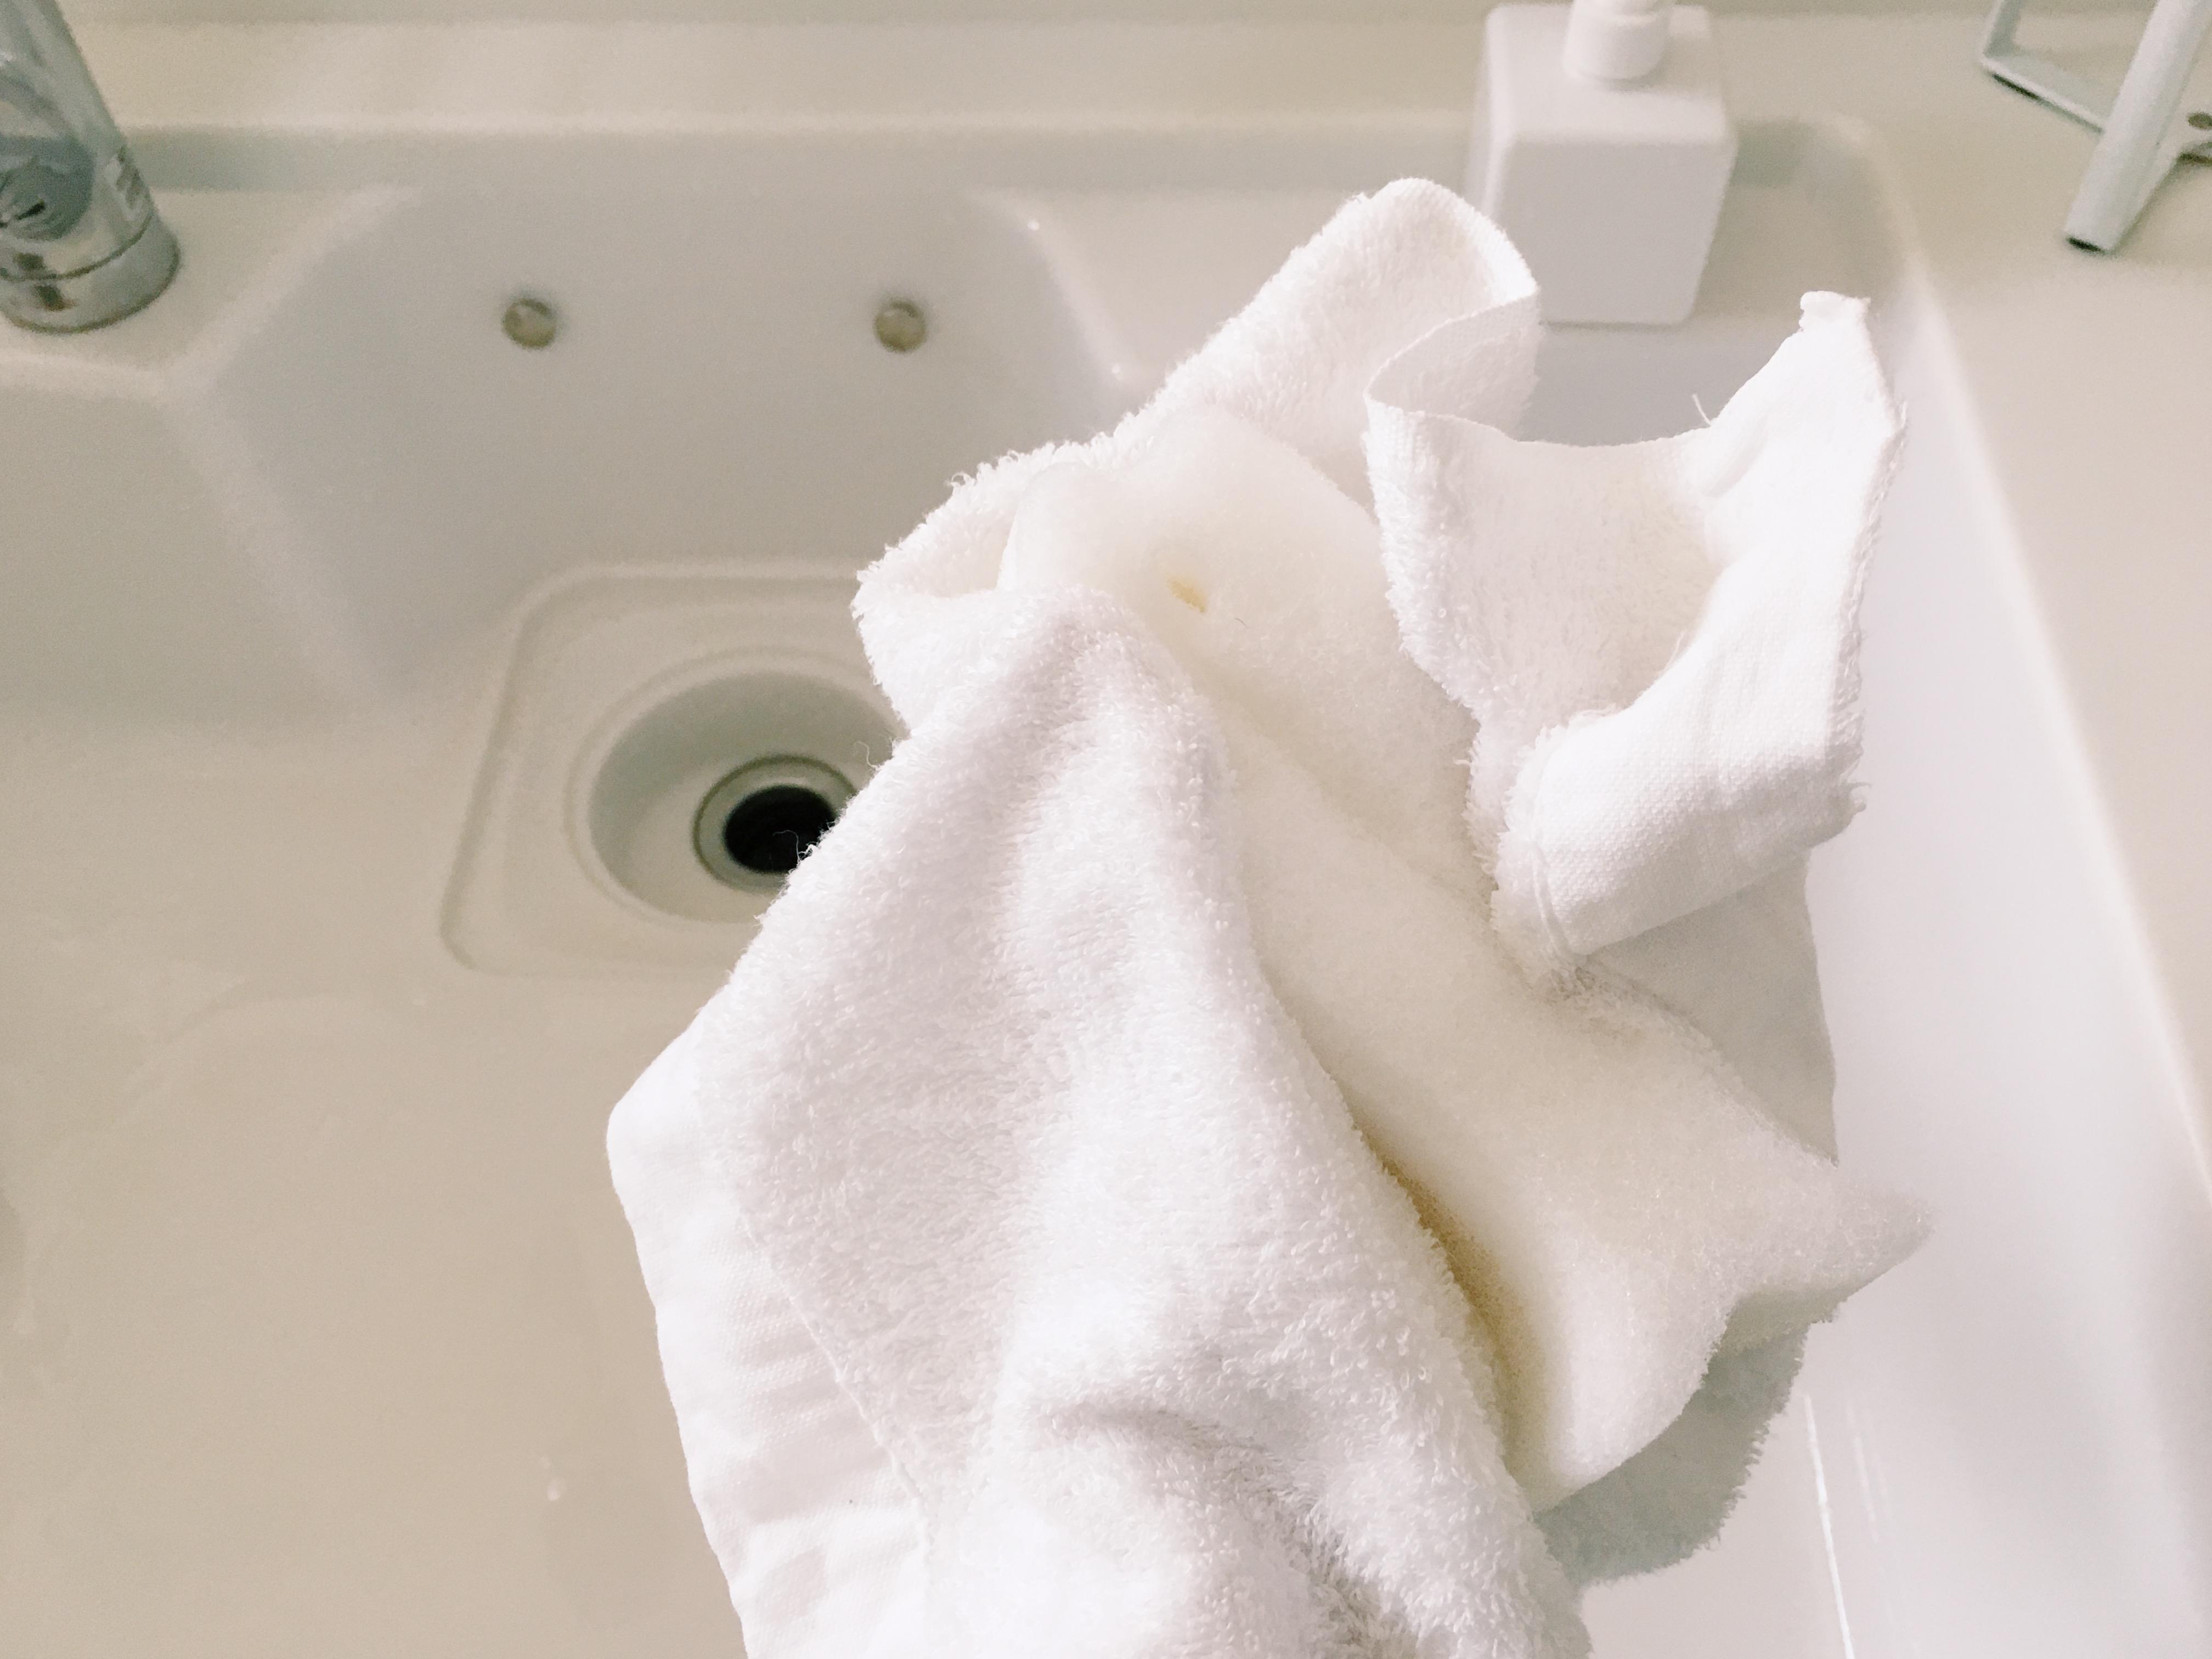 スポンジがタオルにくるまれています。